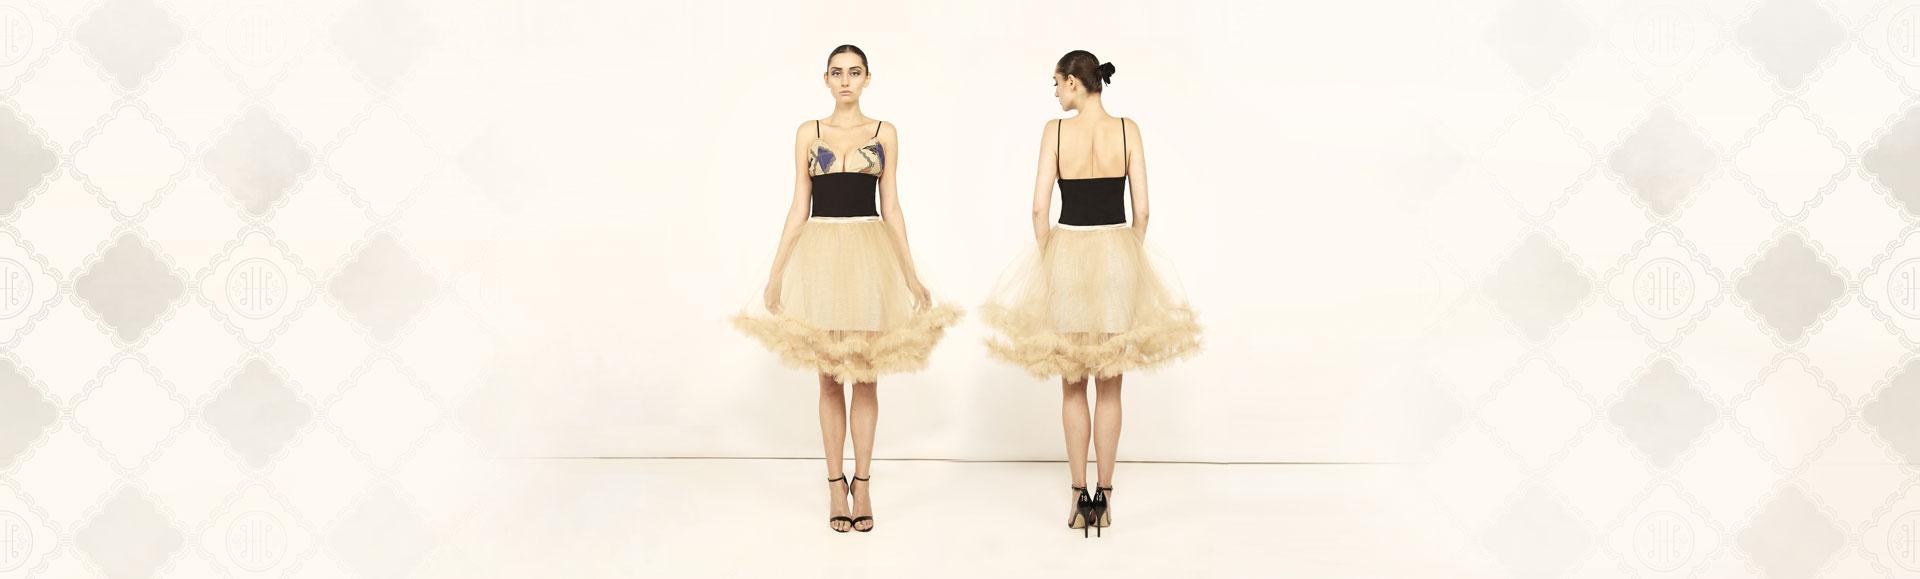 3black-ballerina-dress-1-web.jpg